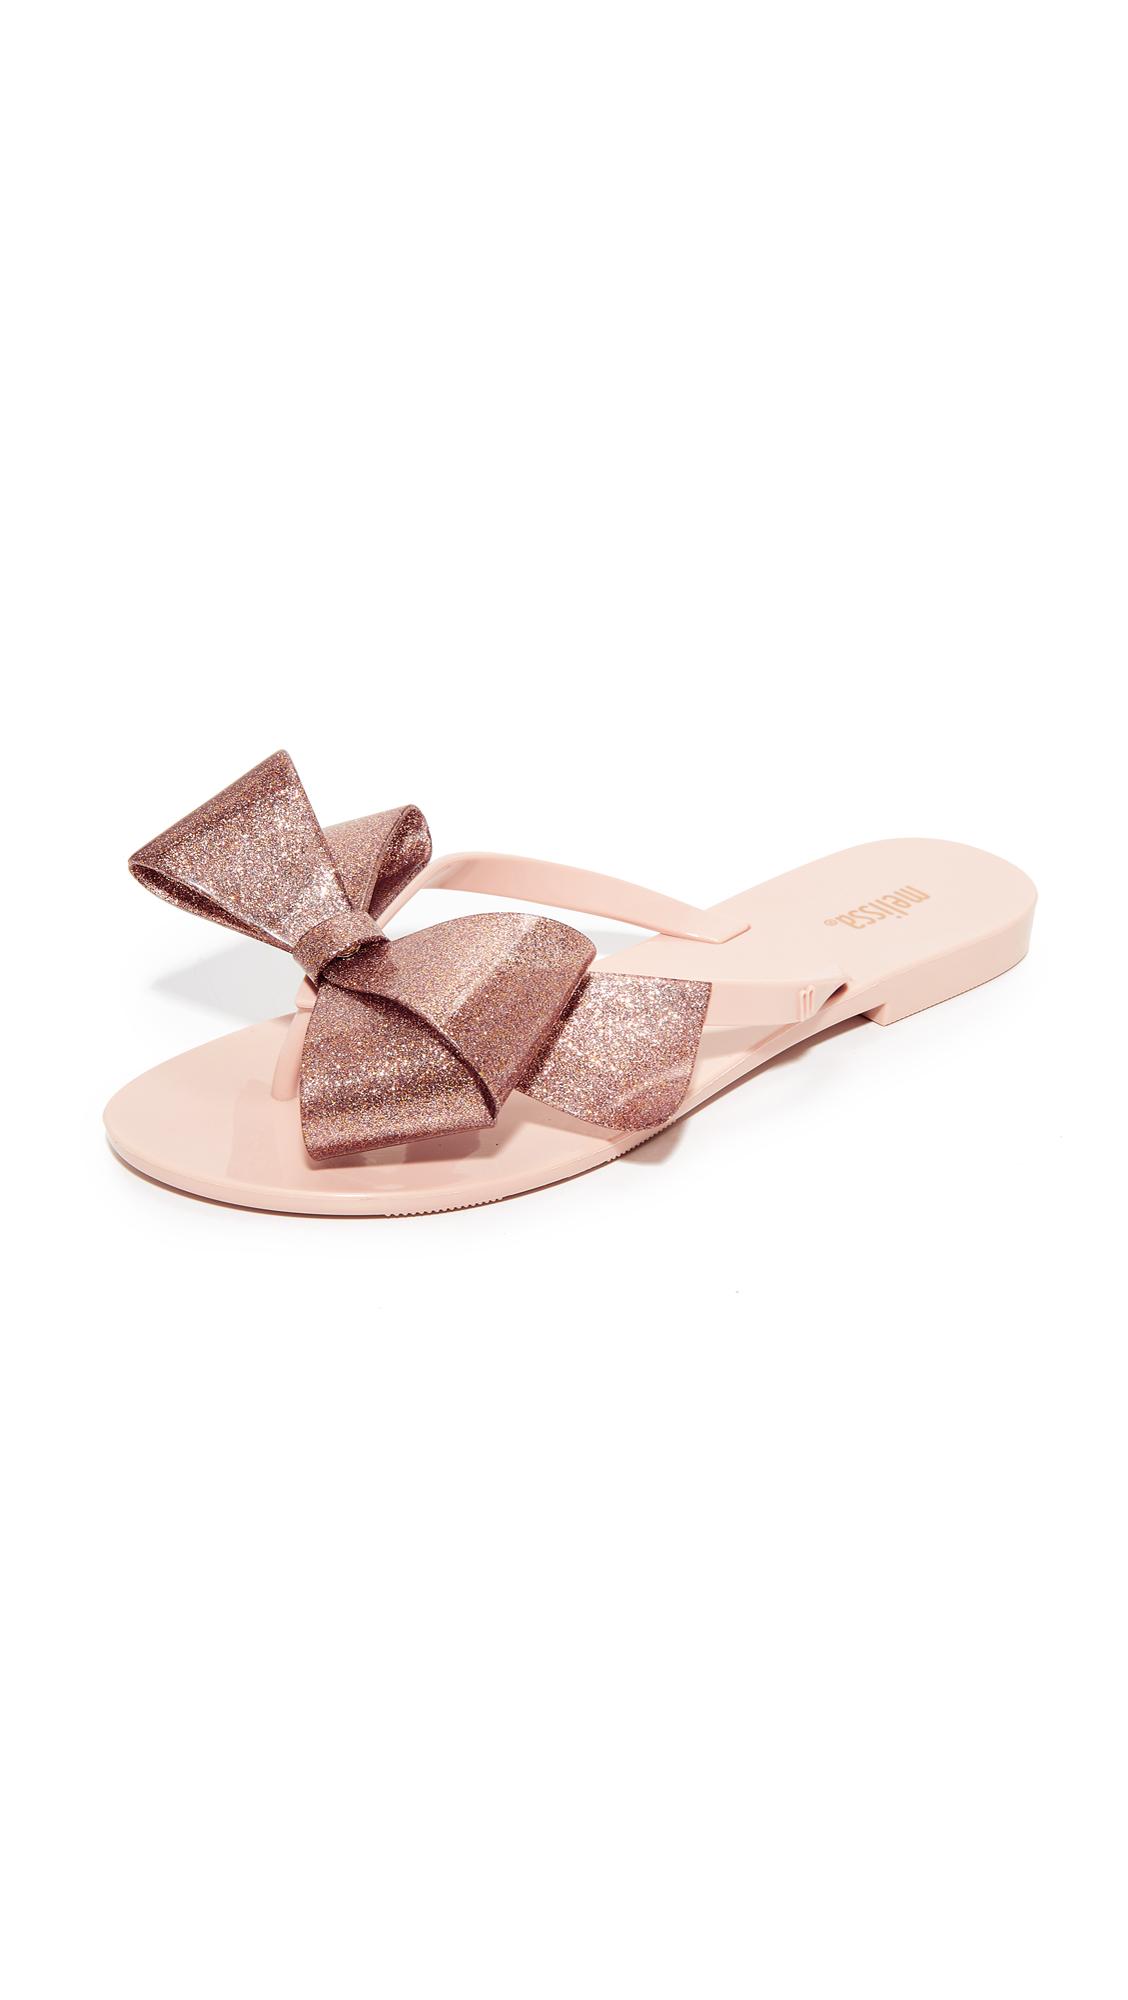 Melissa Harmonic Bow III Flip Flops - Nude